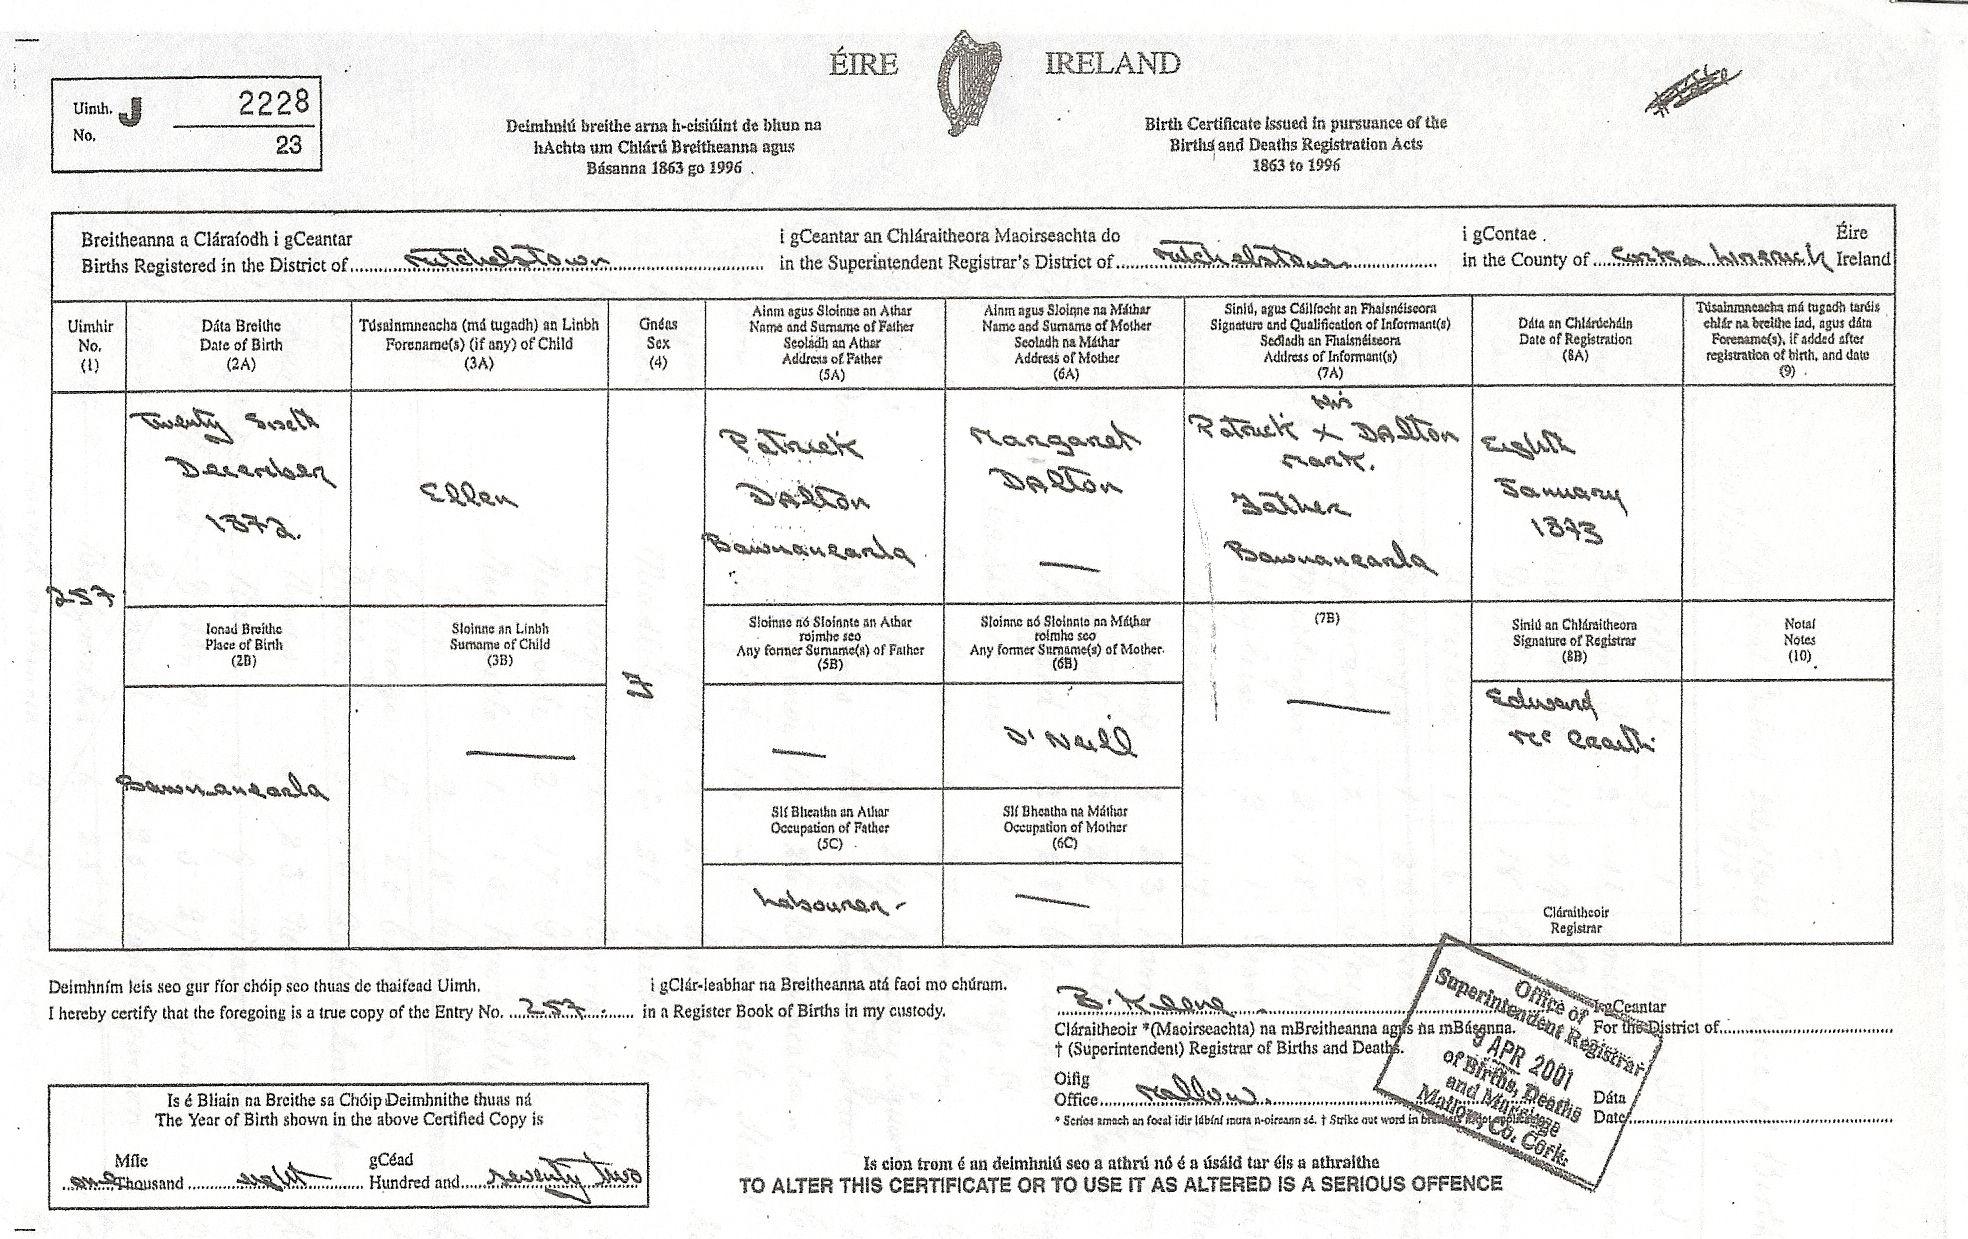 Julia dalton irish birth certificate dalton clippings julia dalton irish birth certificate dalton clippings pinterest birth certificate aiddatafo Image collections